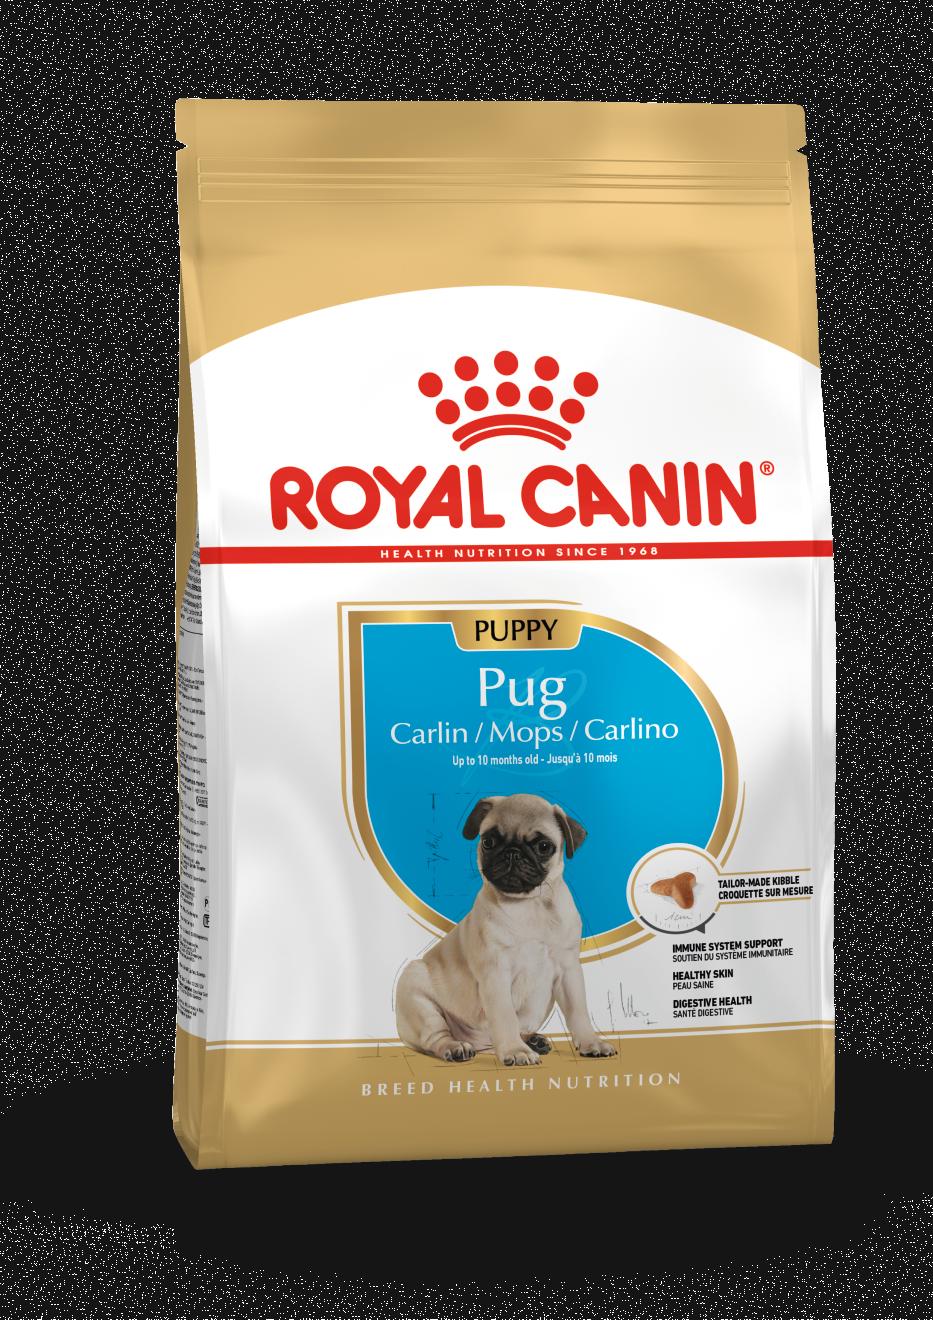 Royal Canin Корм для щенков породы мопс, Royal Canin Pug Puppy 3182550813082_1.png